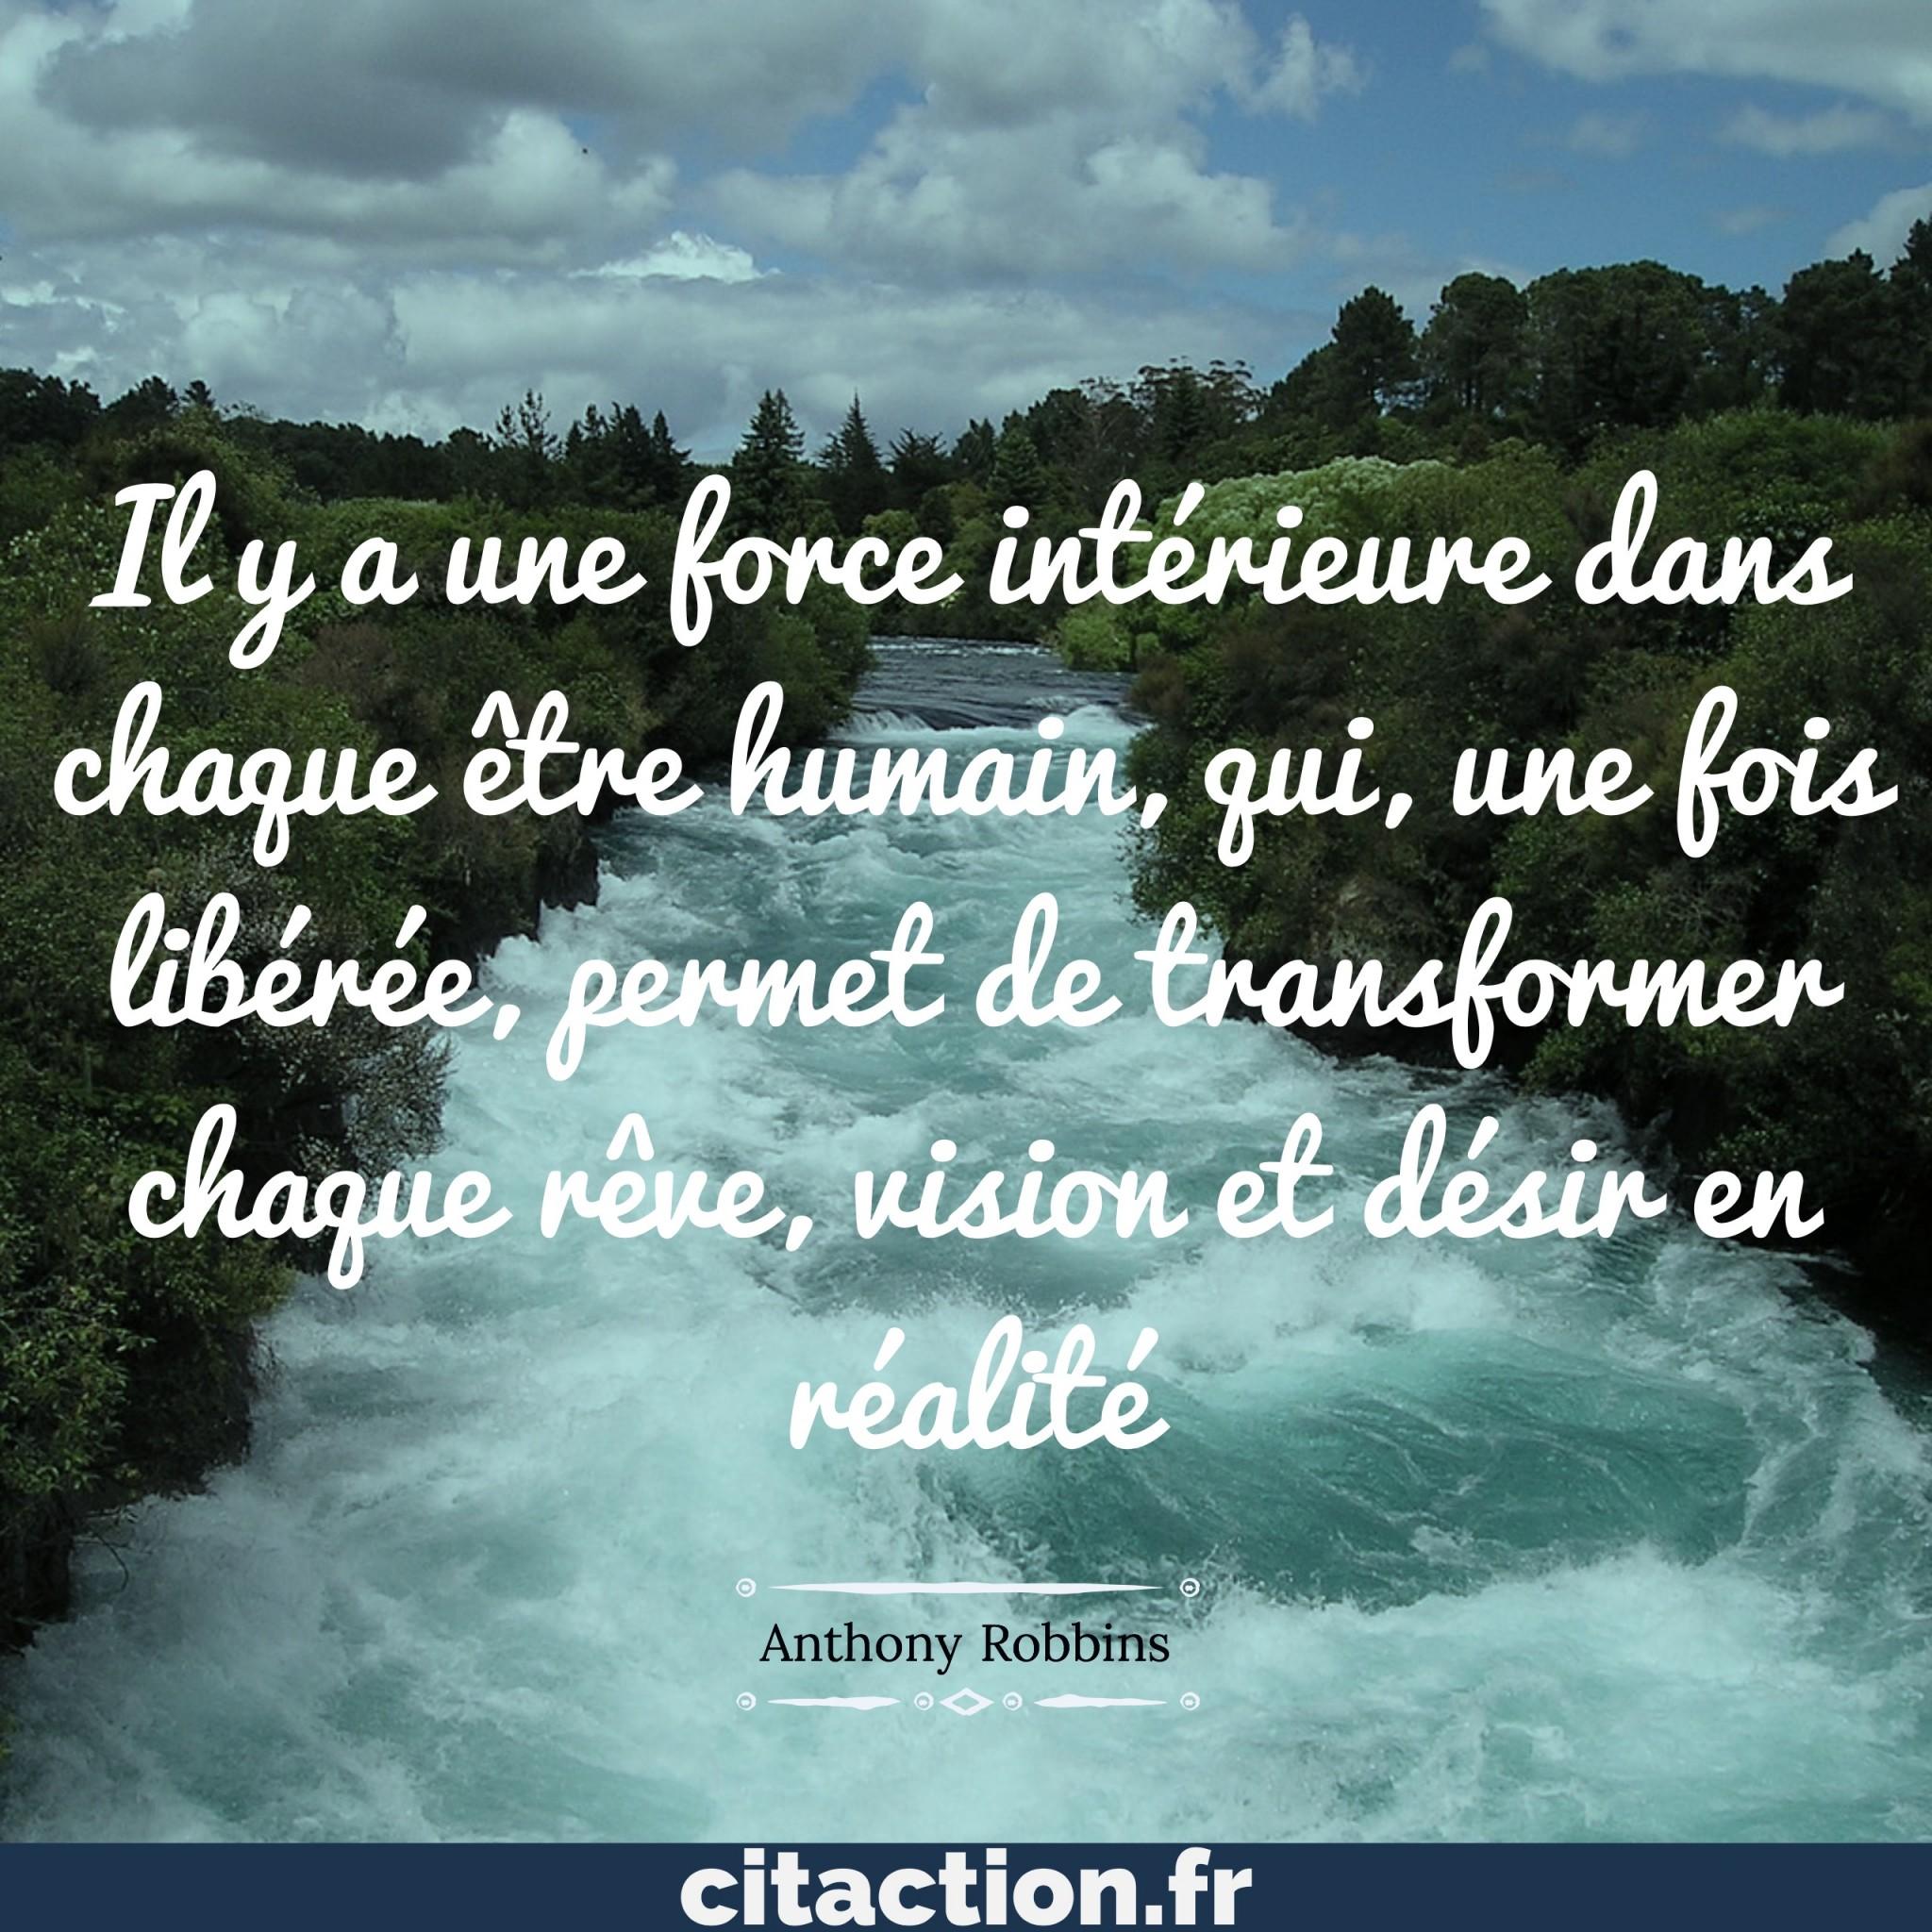 Il y a une force intérieure dans chaque être humain, qui une fois libérée, permet de transformer chaque rêve, vision et désir en réalité